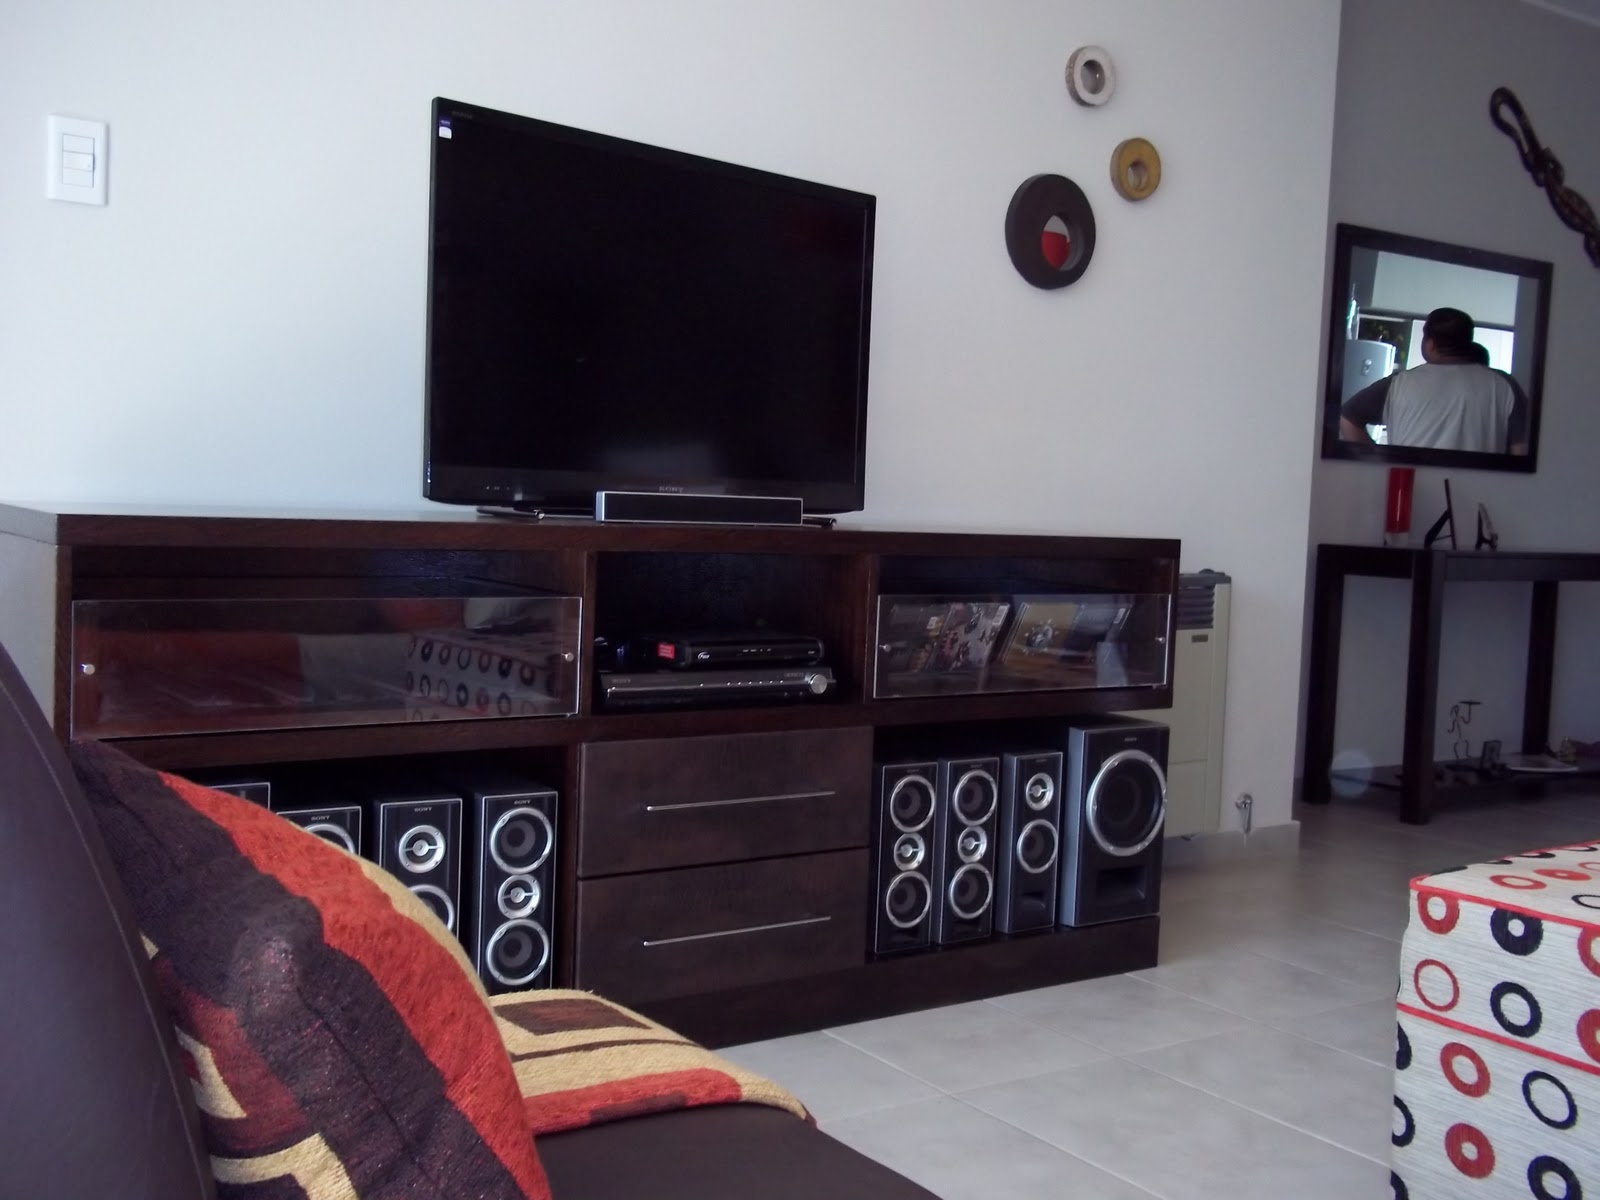 Gabriela genolet mueble para equipo musica y tv for Muebles para televisor y equipo de sonido